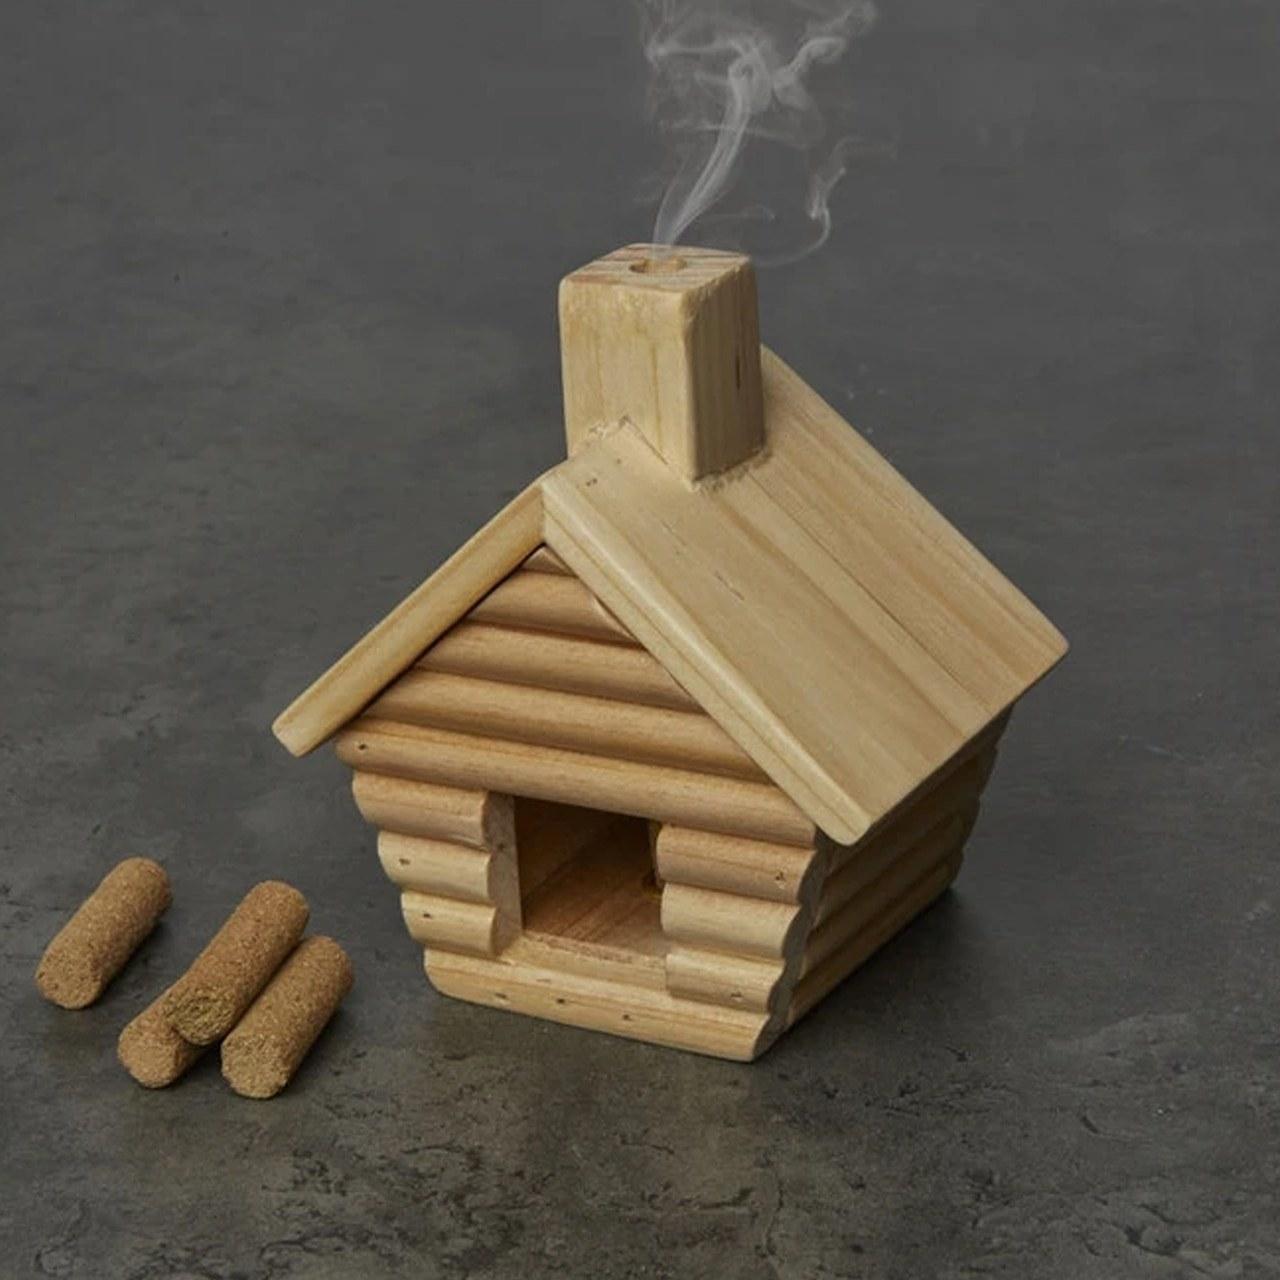 the log cabin incense holder